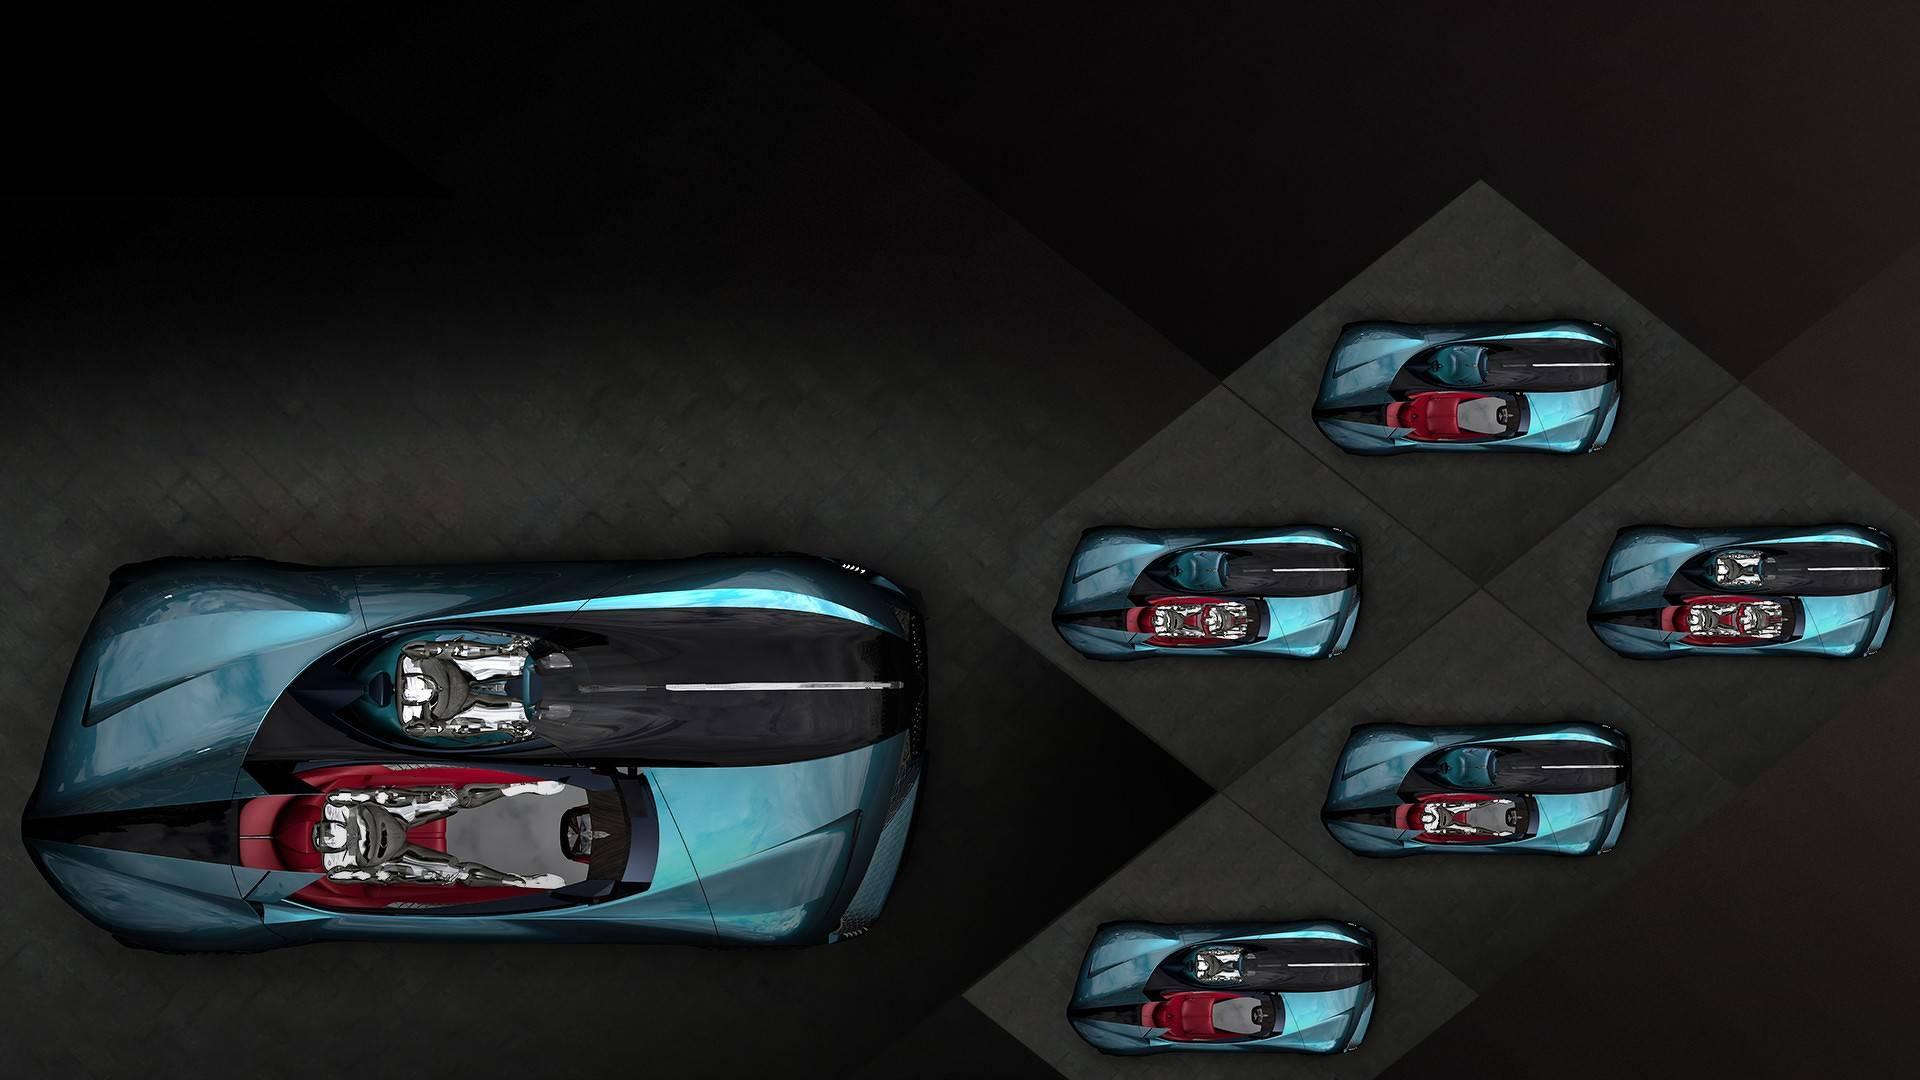 DS X E-Tense electric hypercar concept_4